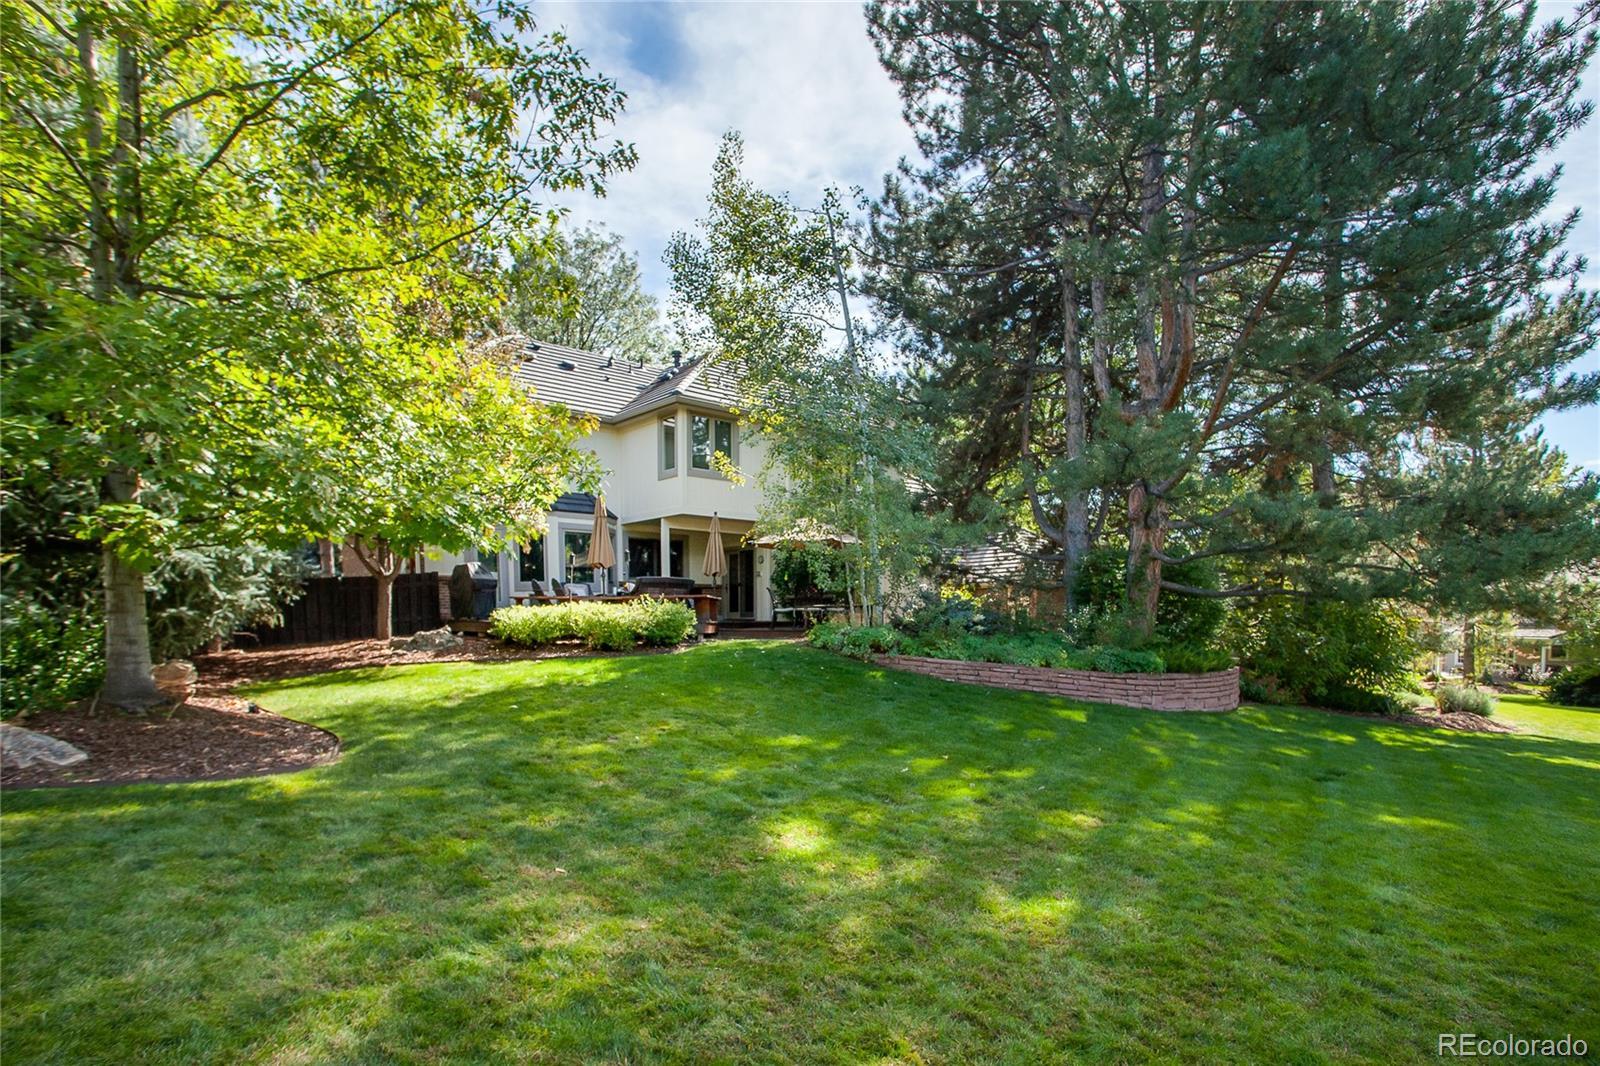 MLS# 7640610 - 7 - 1859 Oak Creek Drive, Greenwood Village, CO 80121